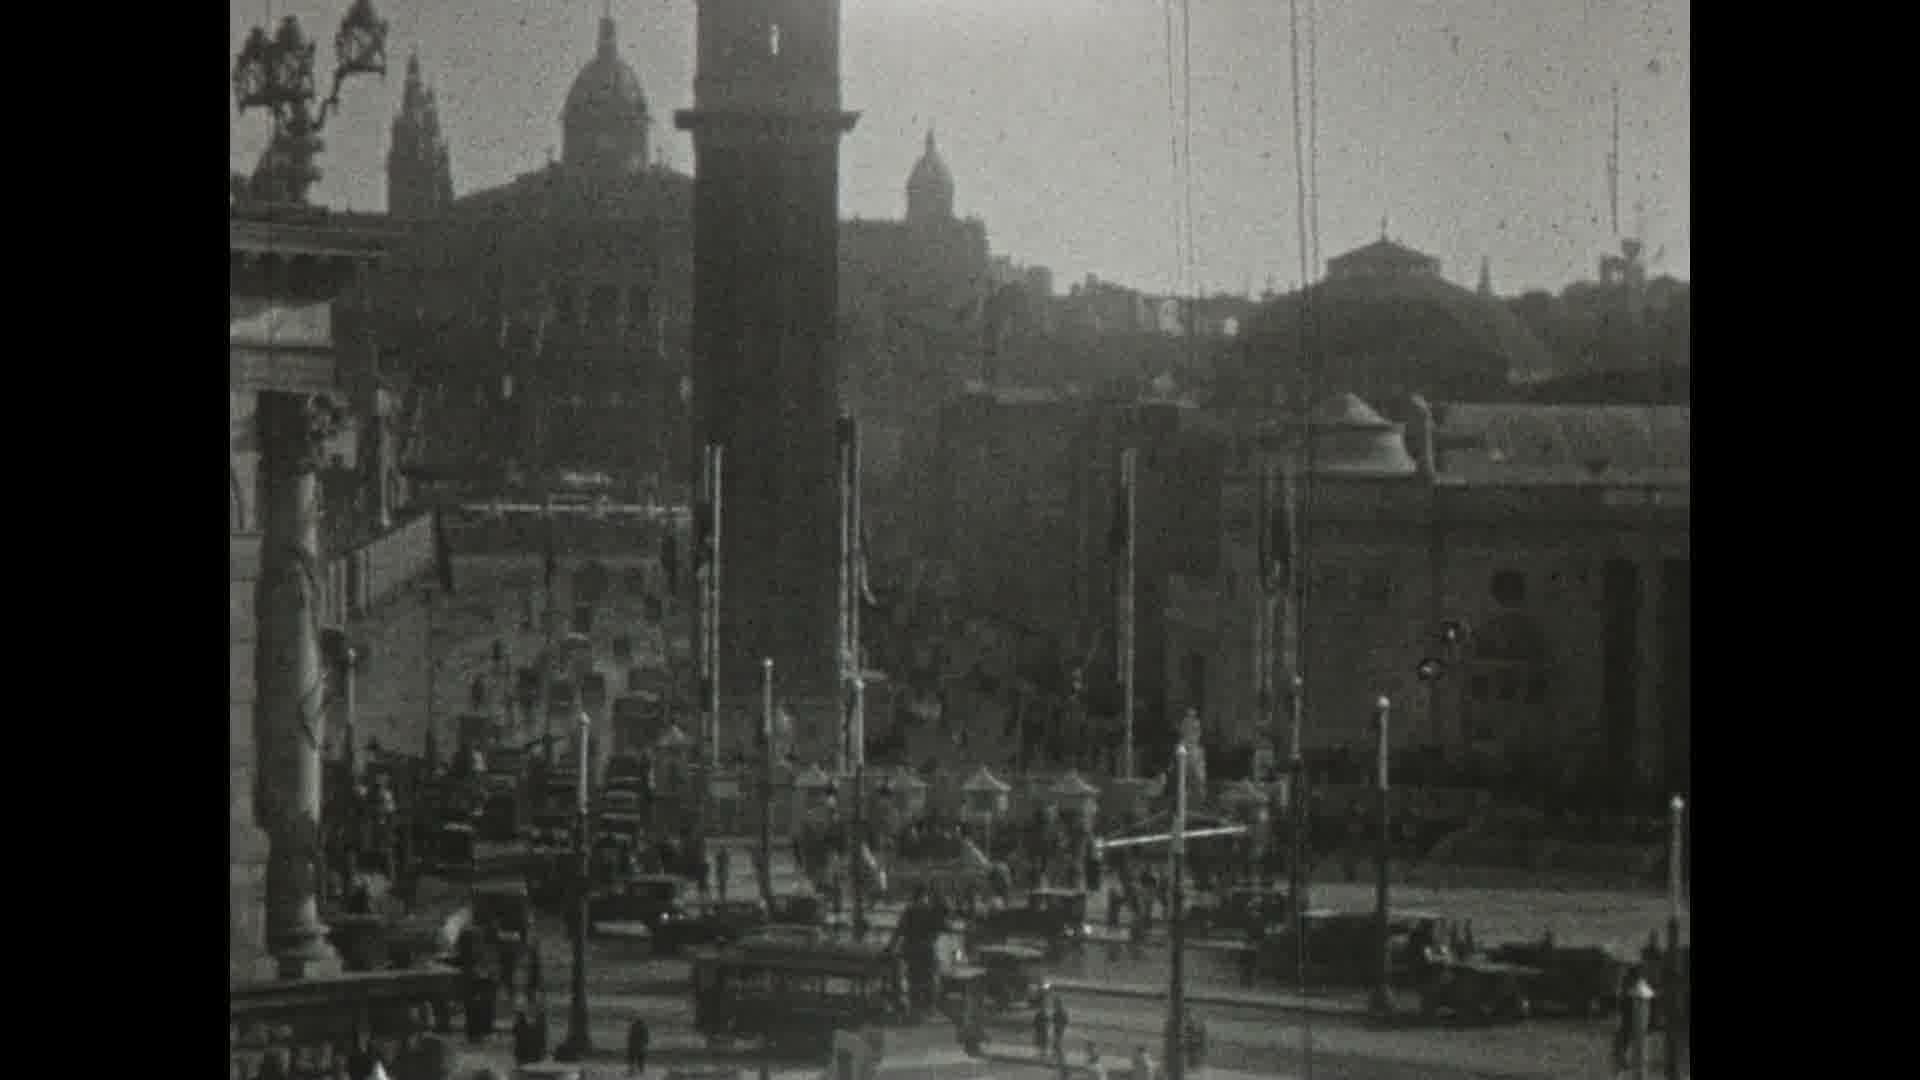 Carnet de voyages, 1929-1930 envrion